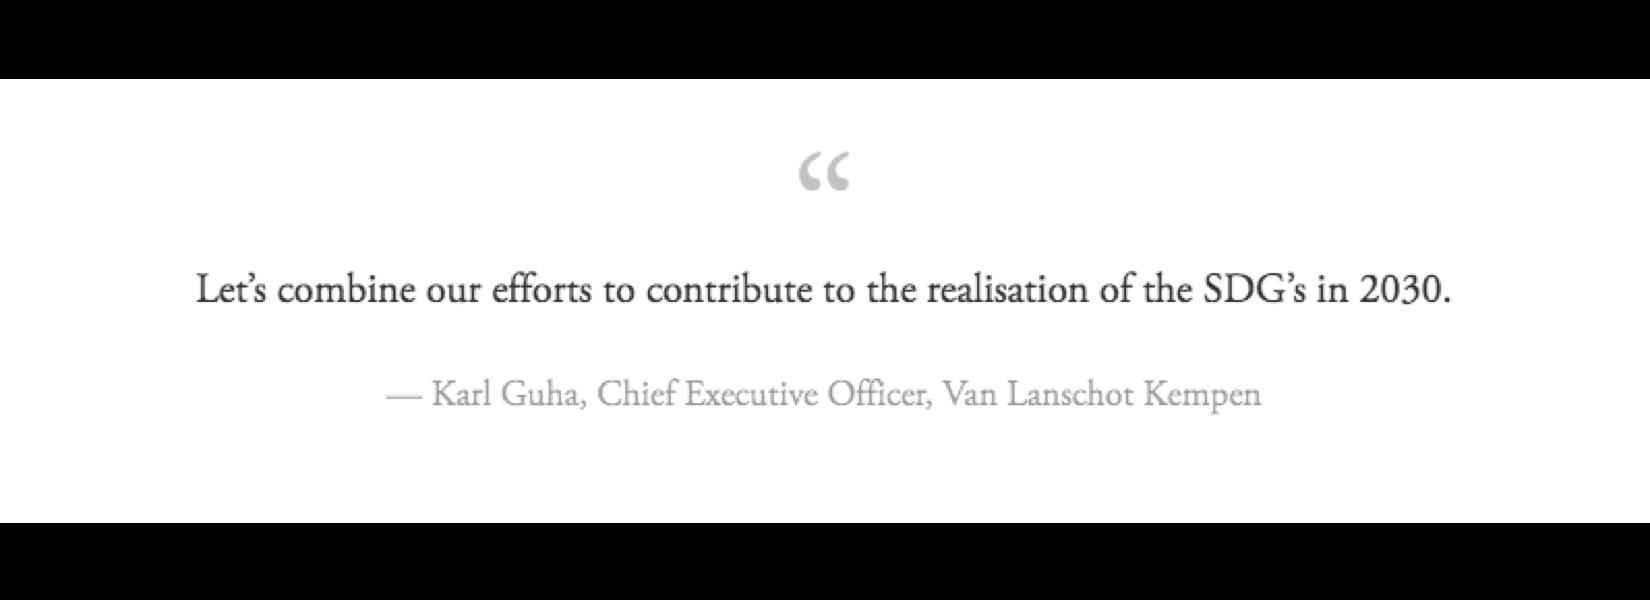 Quote van Lanschot Kempen.png